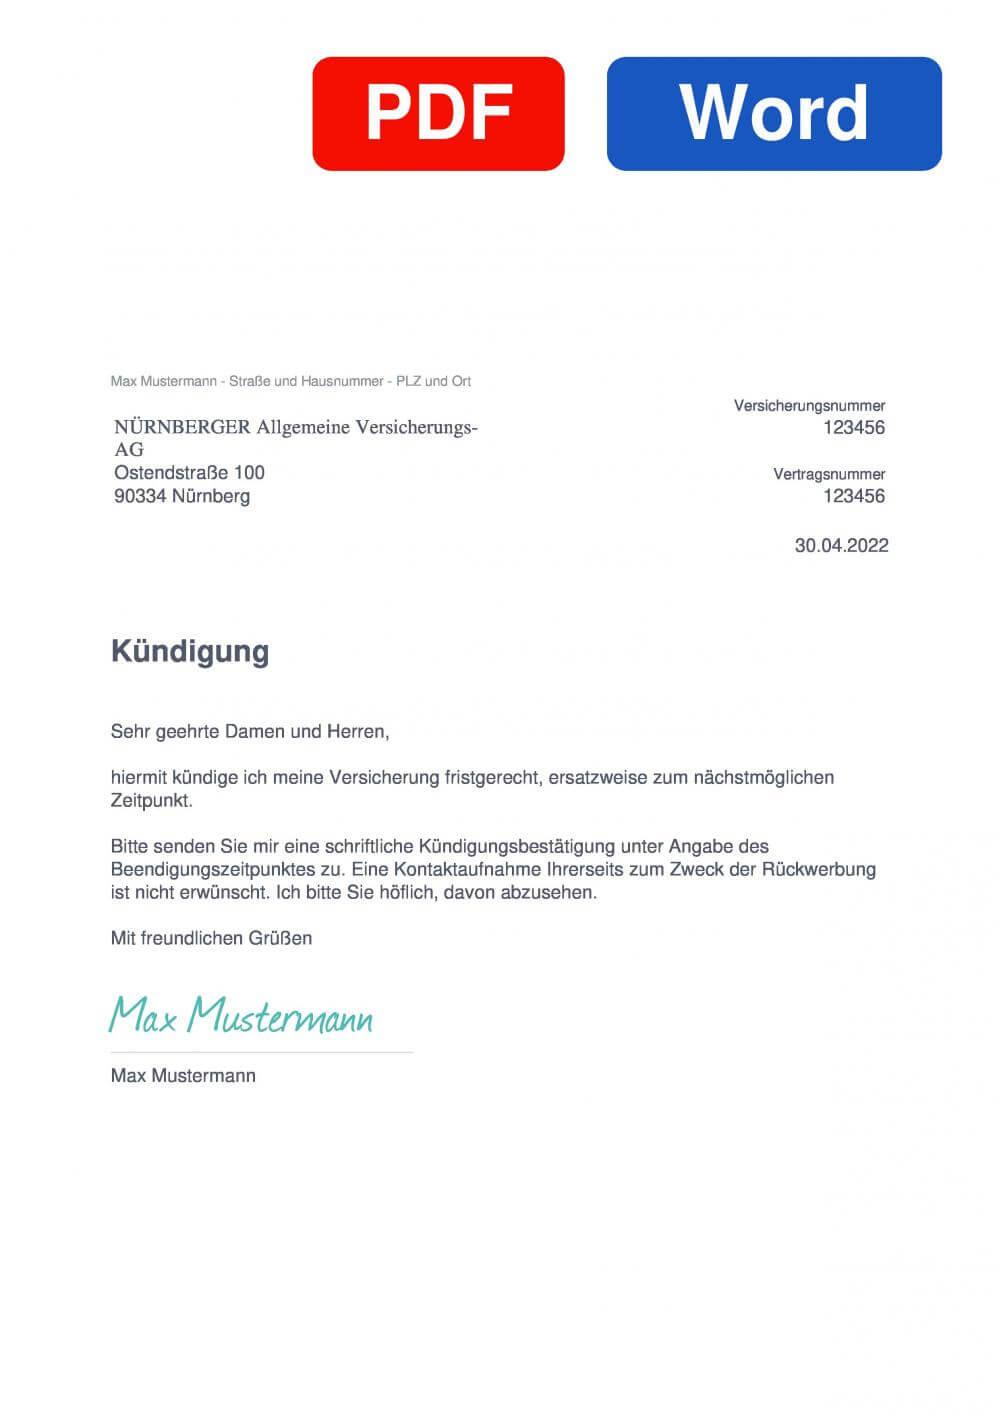 NÜRNBERGER Berufsunfähigkeitsversicherung Muster Vorlage für Kündigungsschreiben